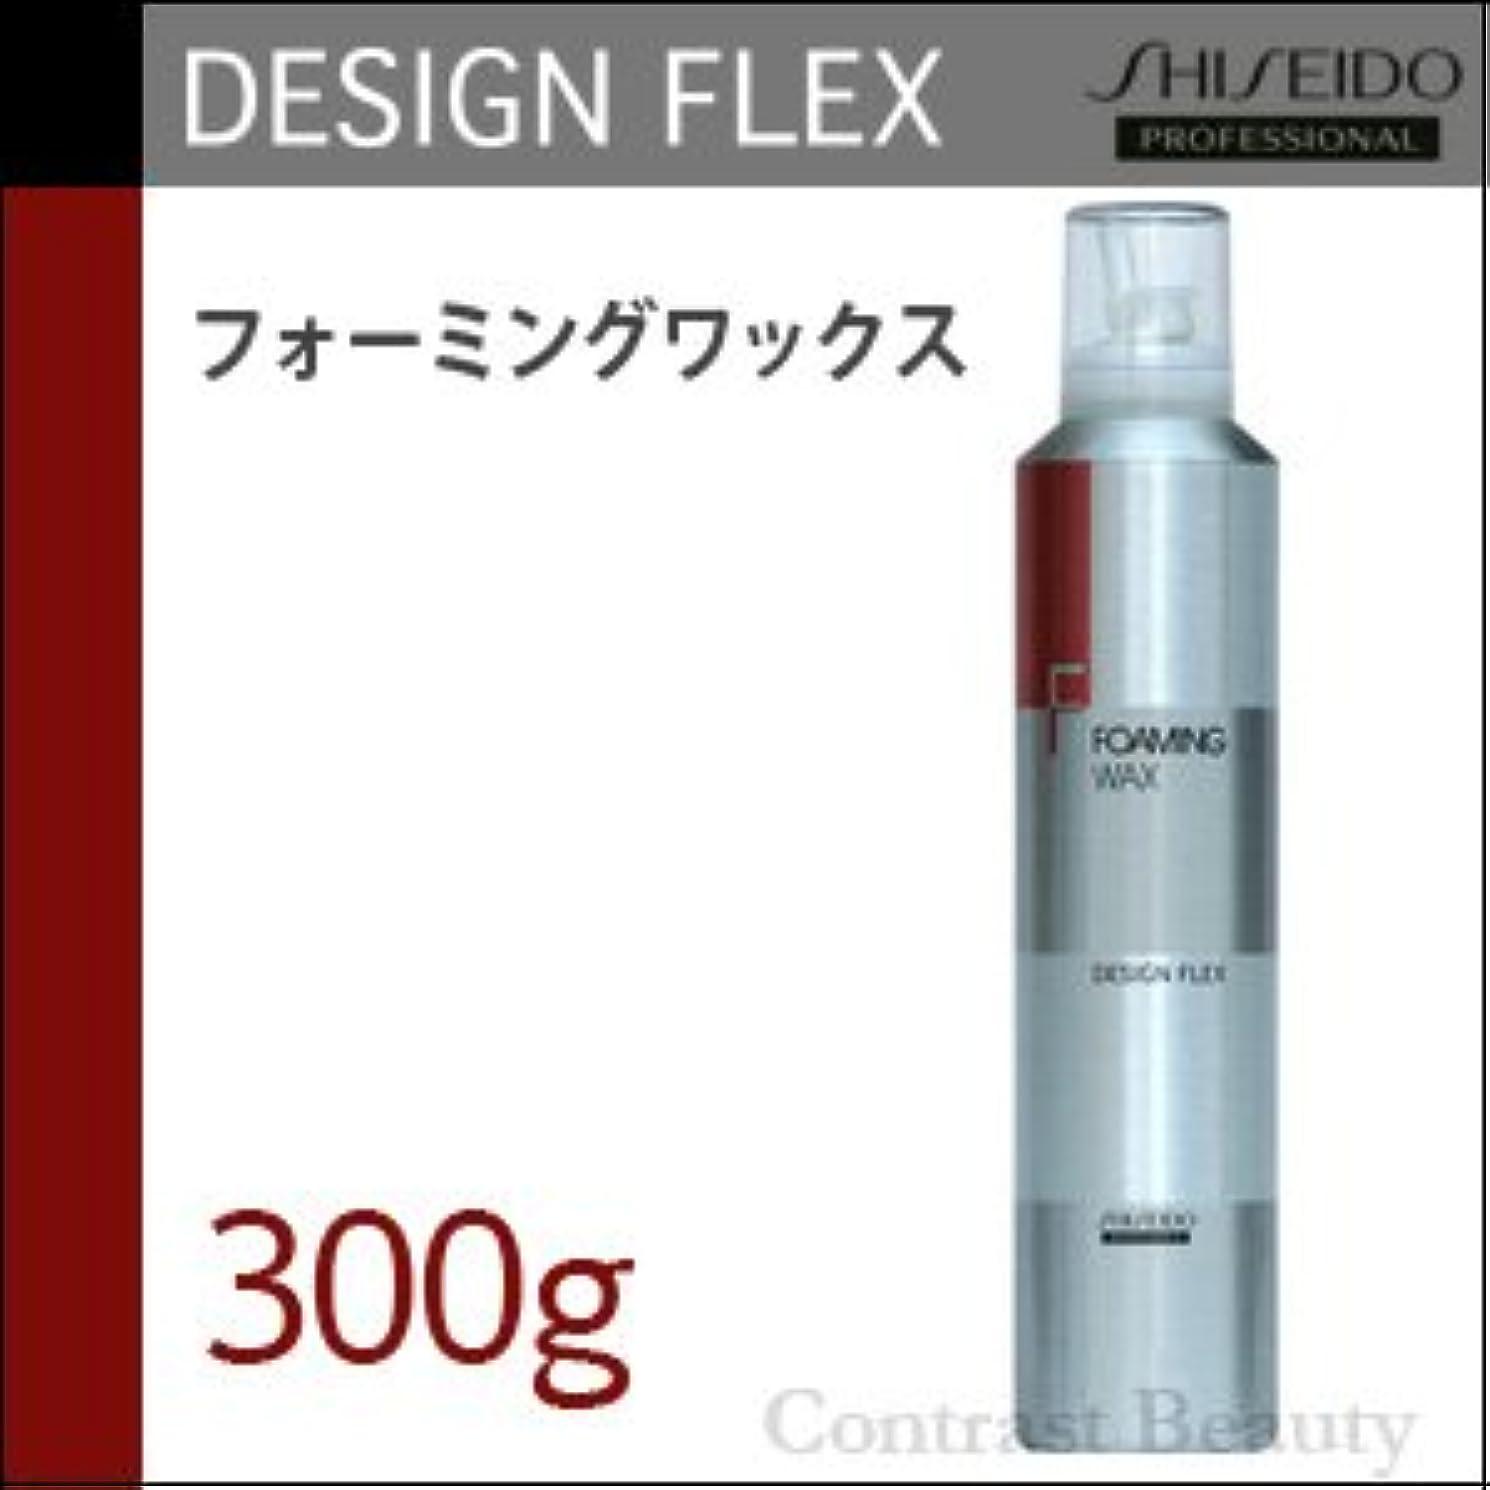 共和国ケーブル日【x5個セット】 資生堂 デザインフレックス フォーミングワックス 300g